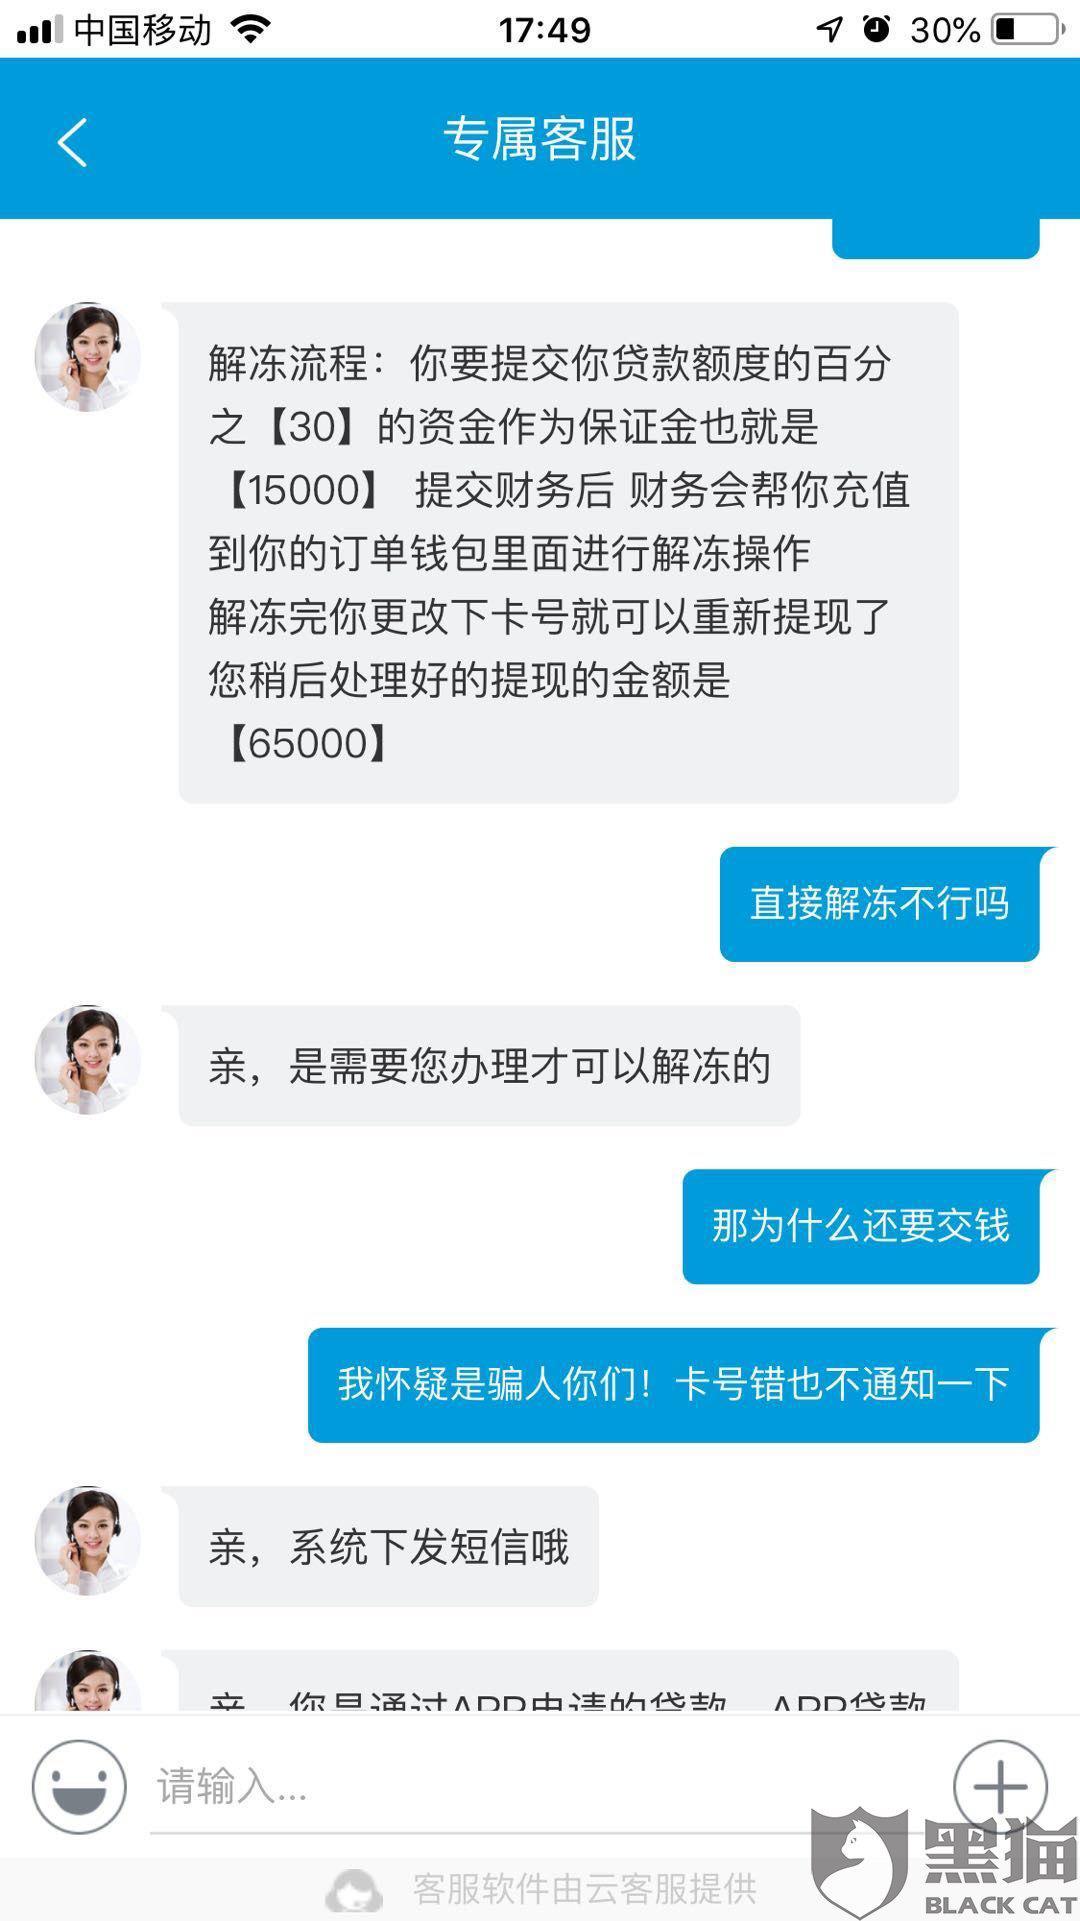 黑猫投诉:2020年7月8号本人通过手机在5年微粒贷与深圳前海众银行有限公司签订合同.